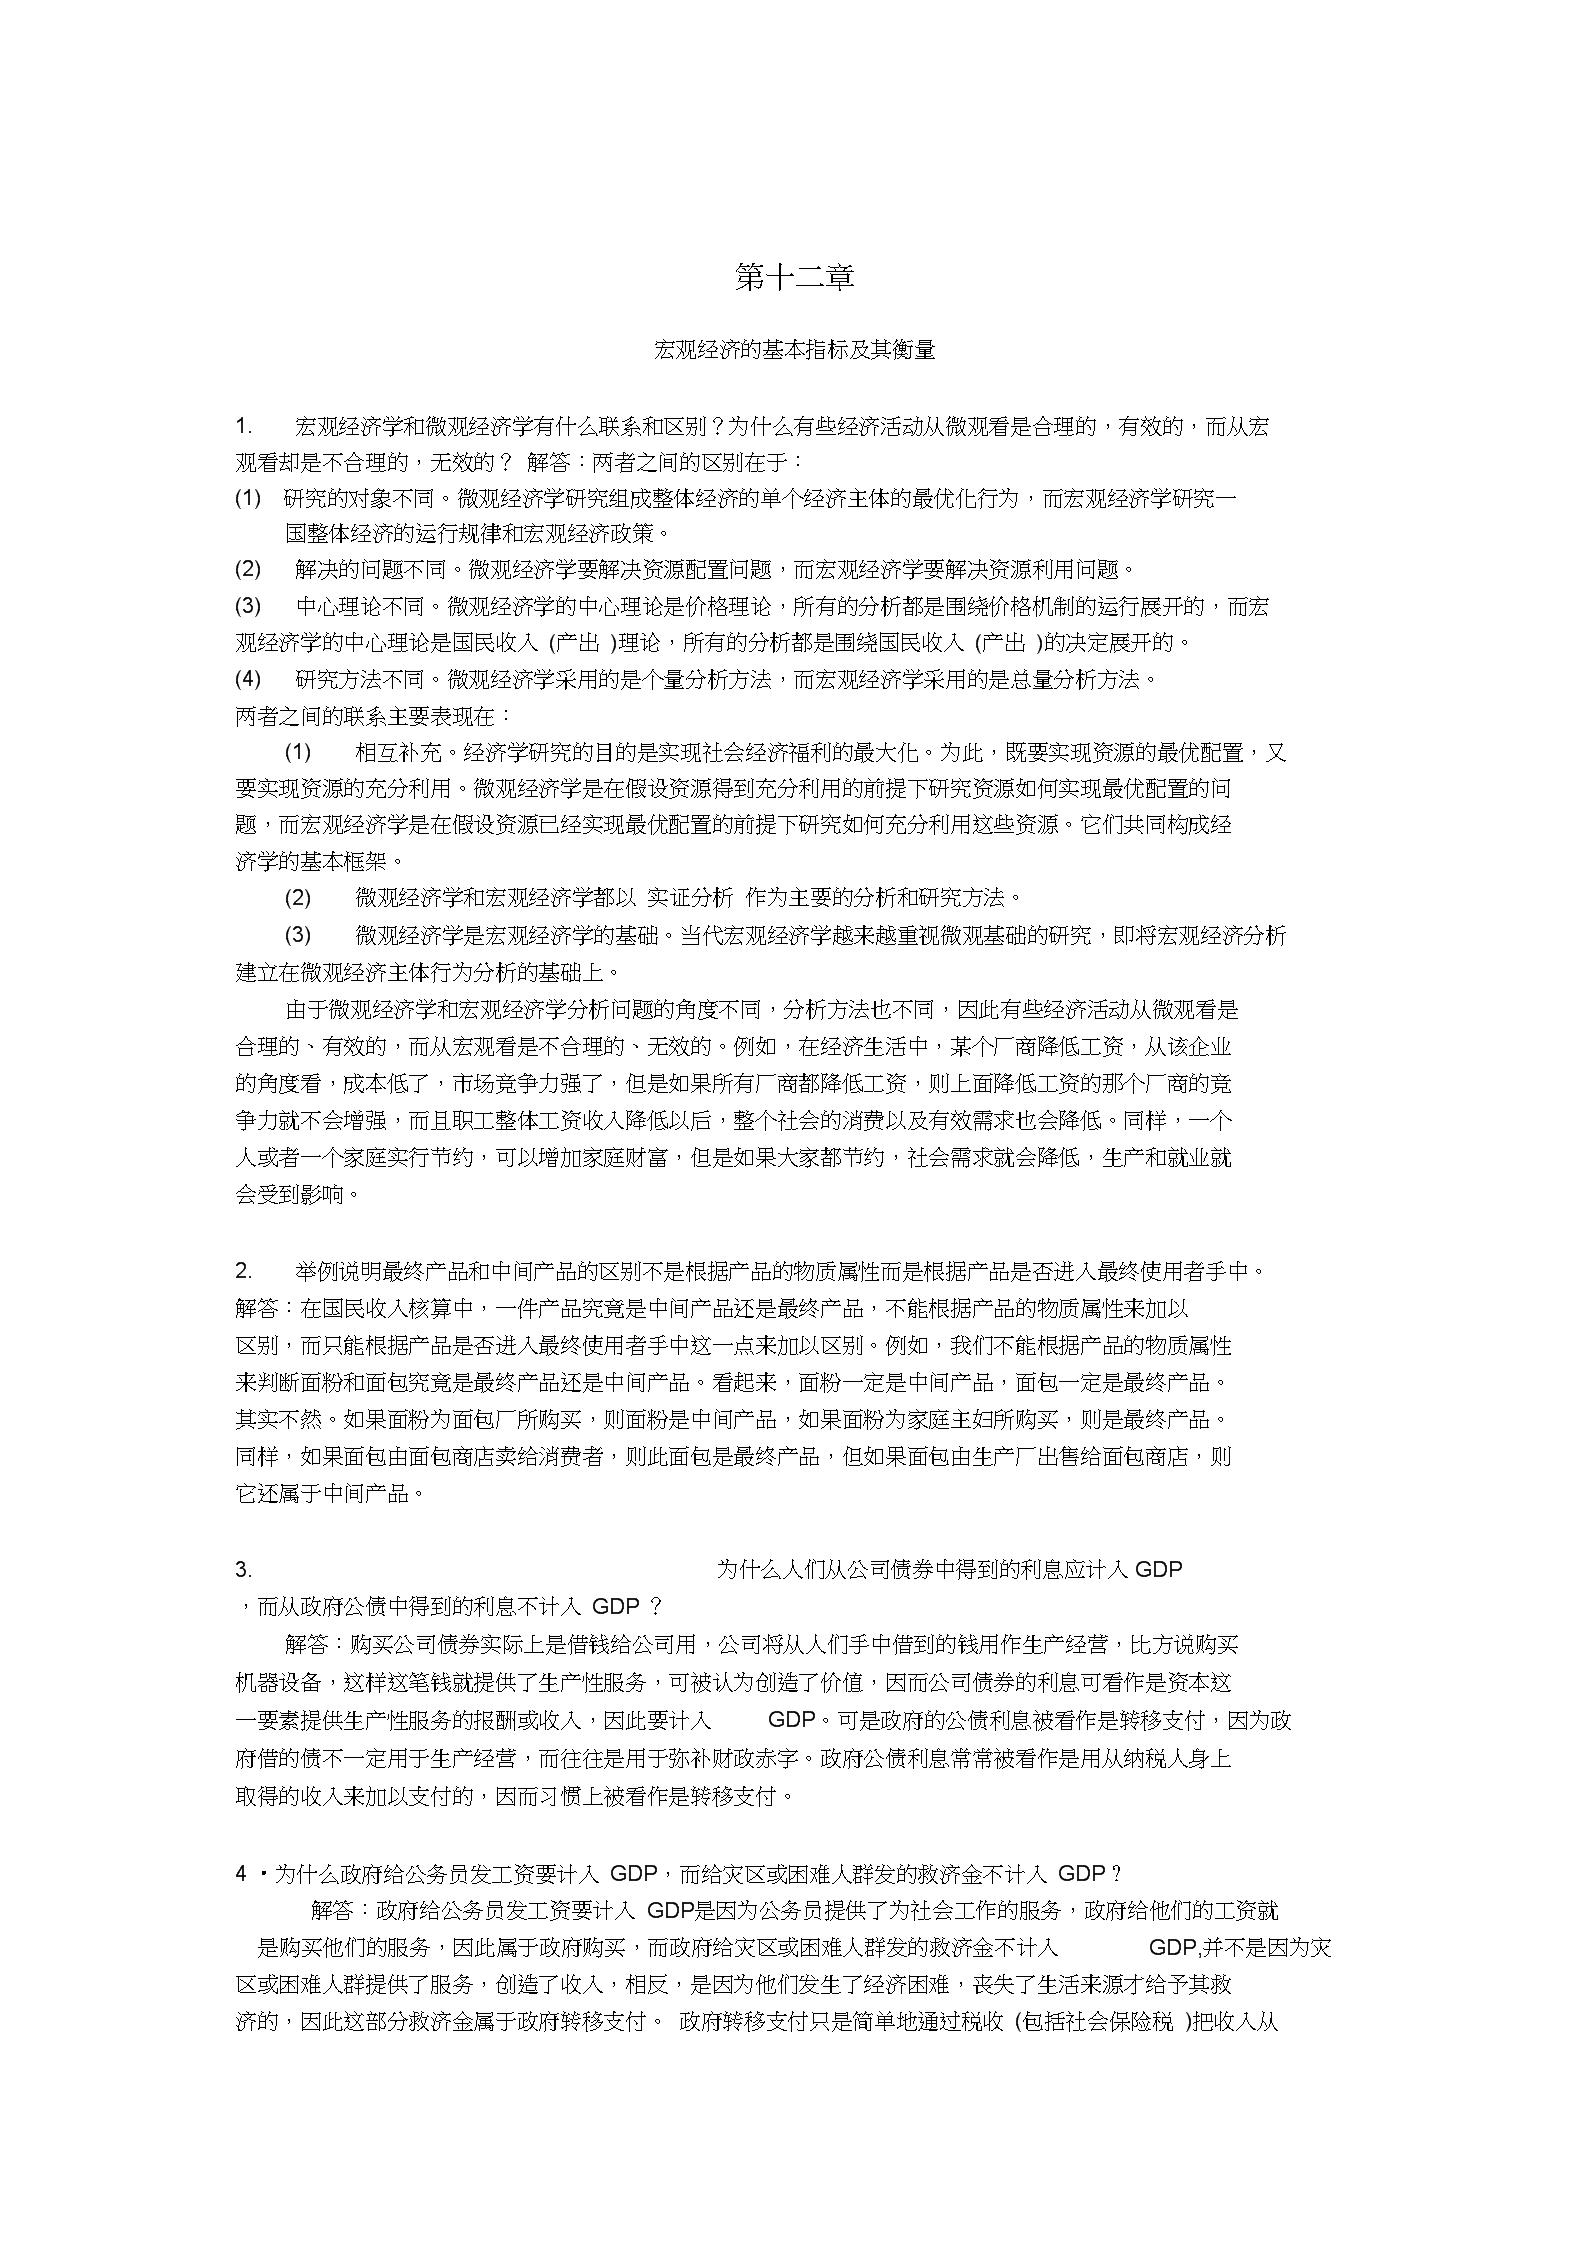 高鸿业第七版答案汇编.docx